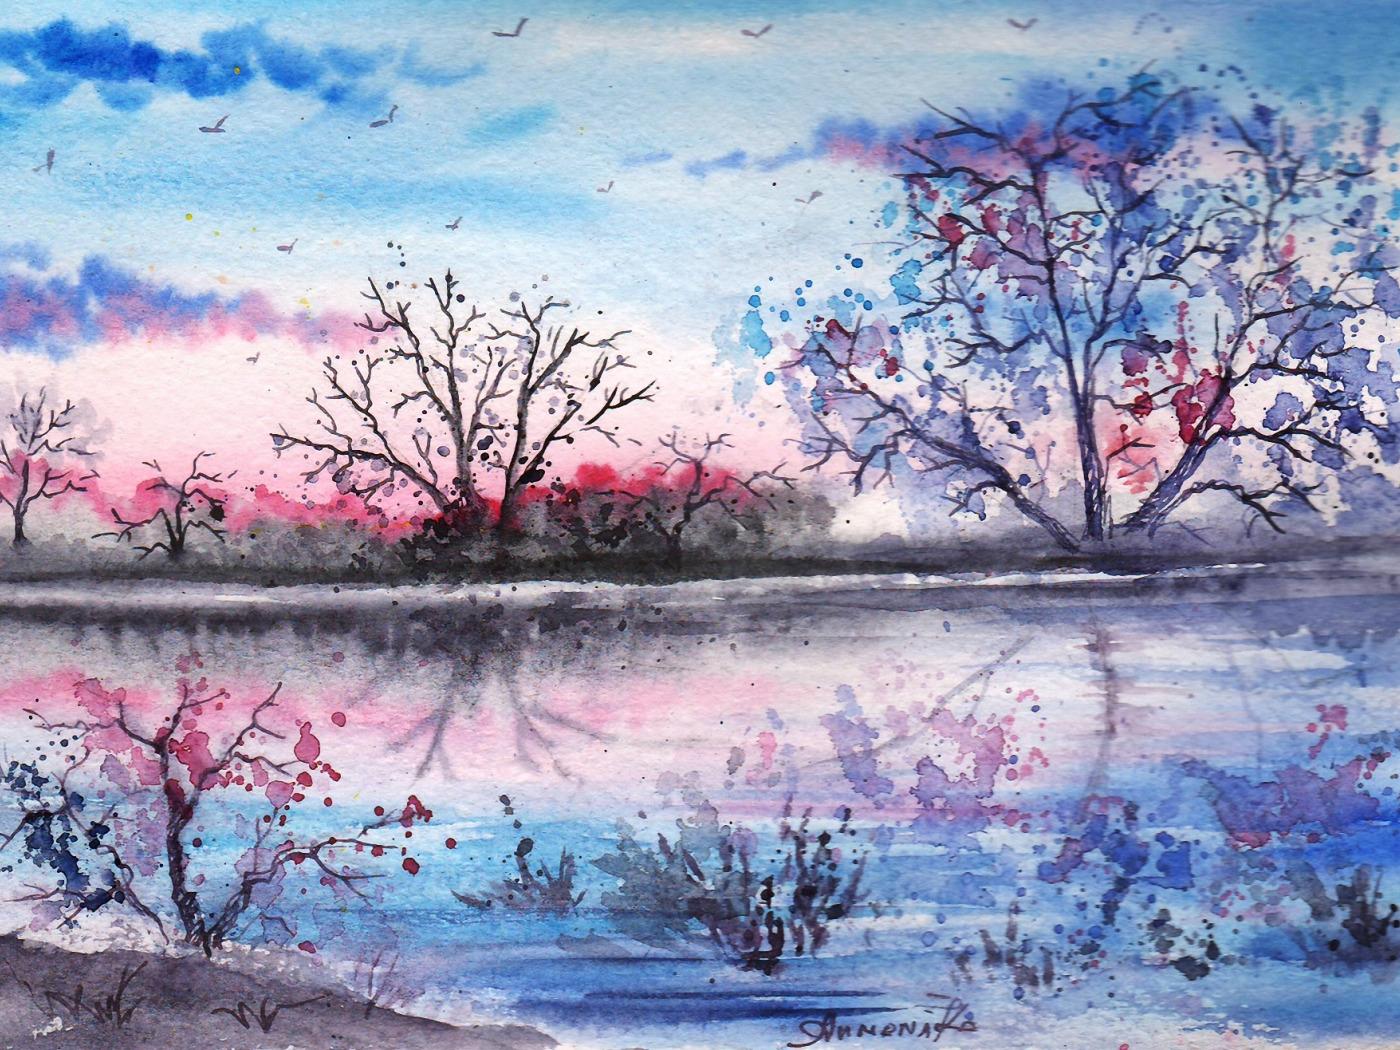 Картинки нарисованные акварелью пейзажи